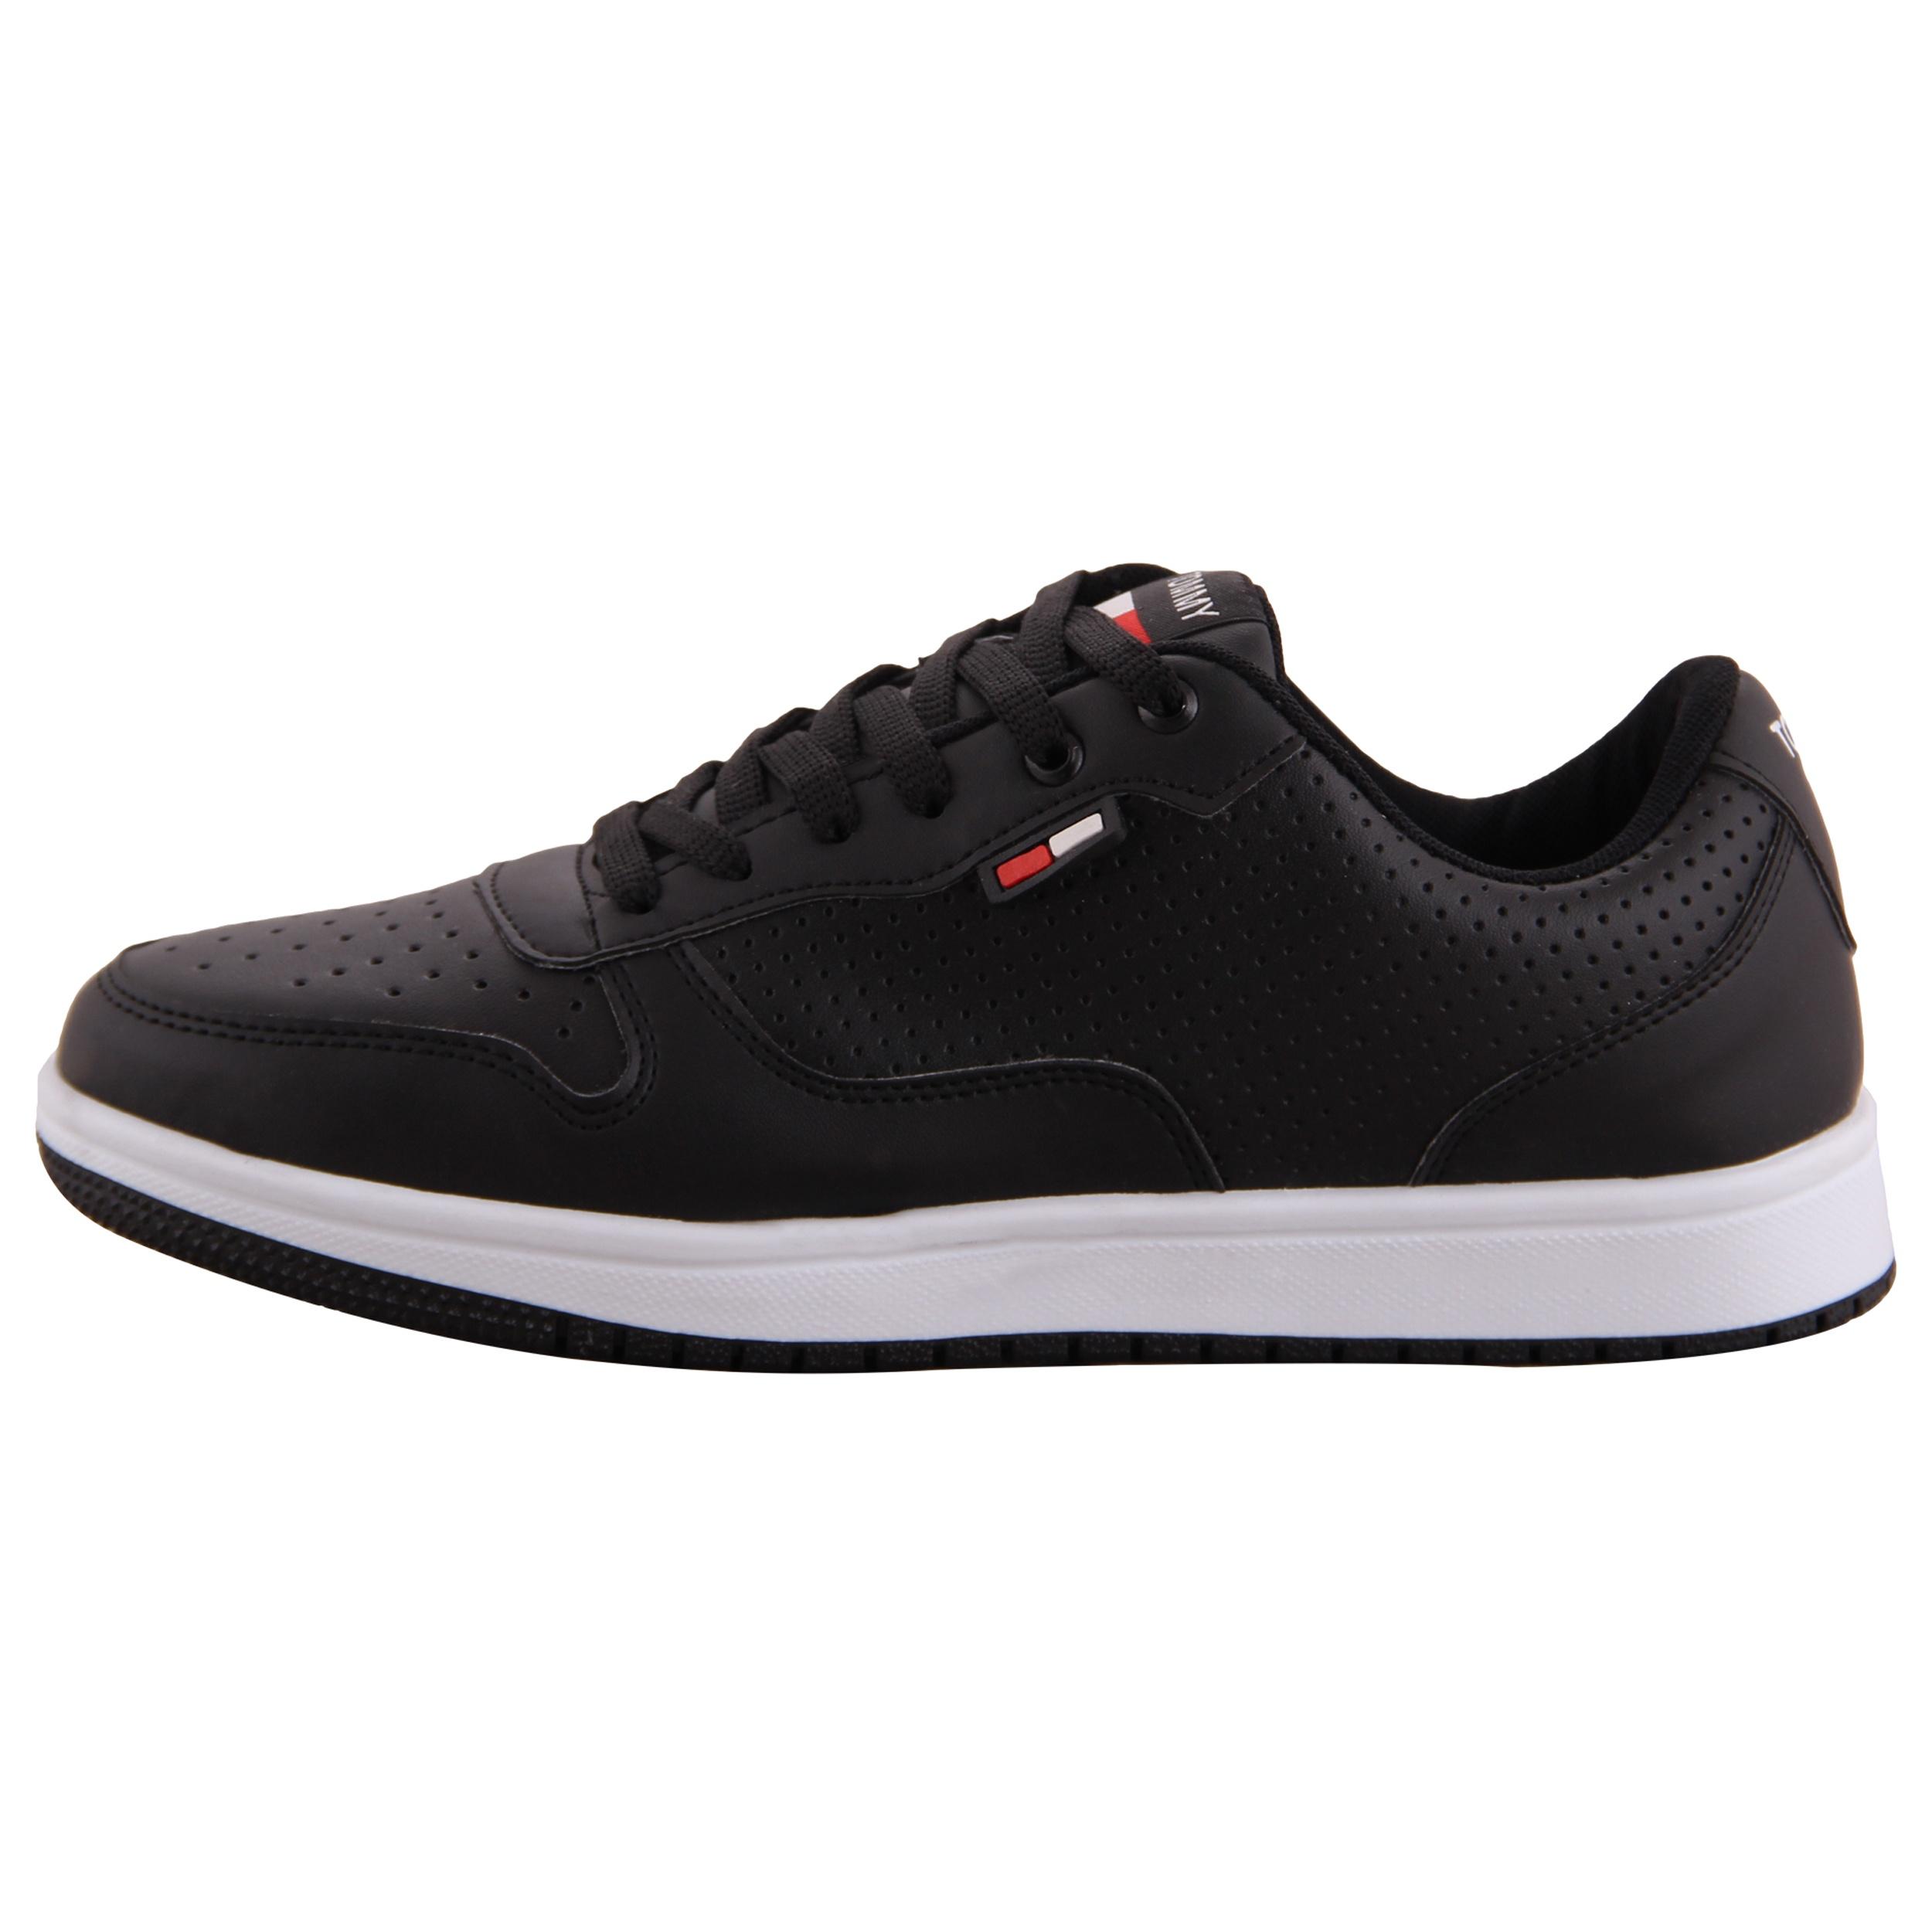 کفش راحتی مردانه کد 69-2398000